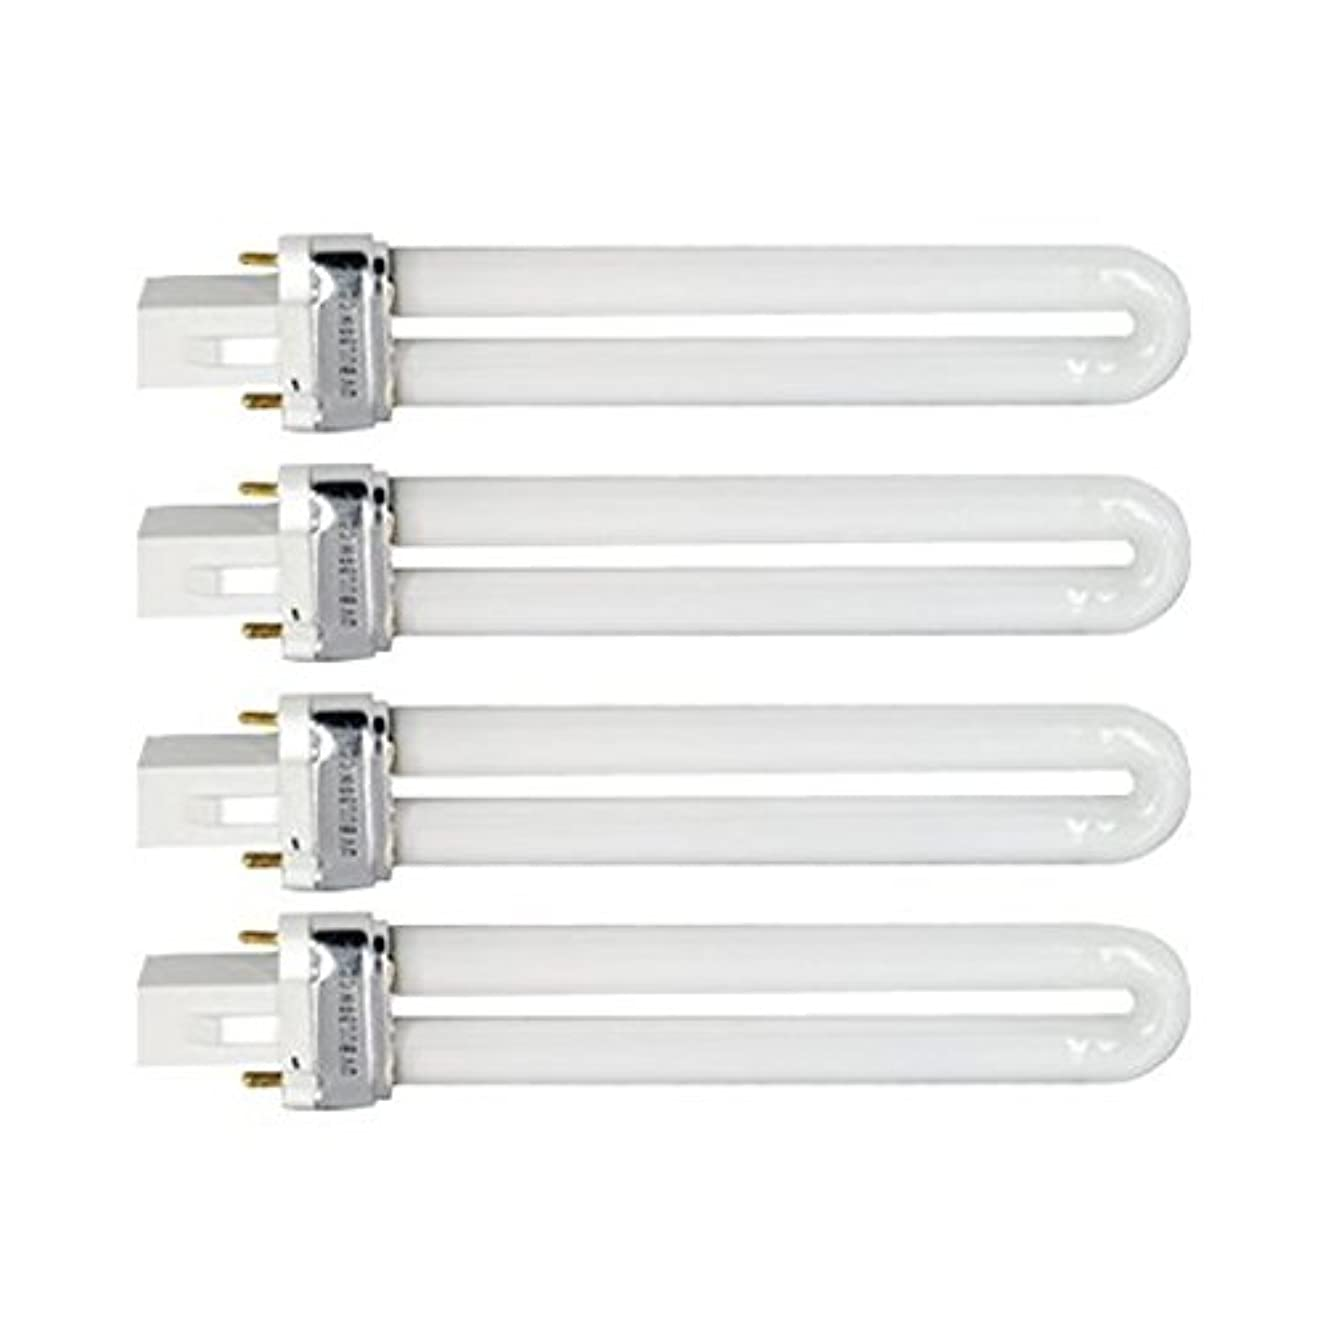 ウミウシオン思い出すTinksky UV灯 紫外線 殺菌灯 電球交換 9 ワット U 型 365 nm ランプ電球チューブ ネイル アート Dryer-4 pcsset